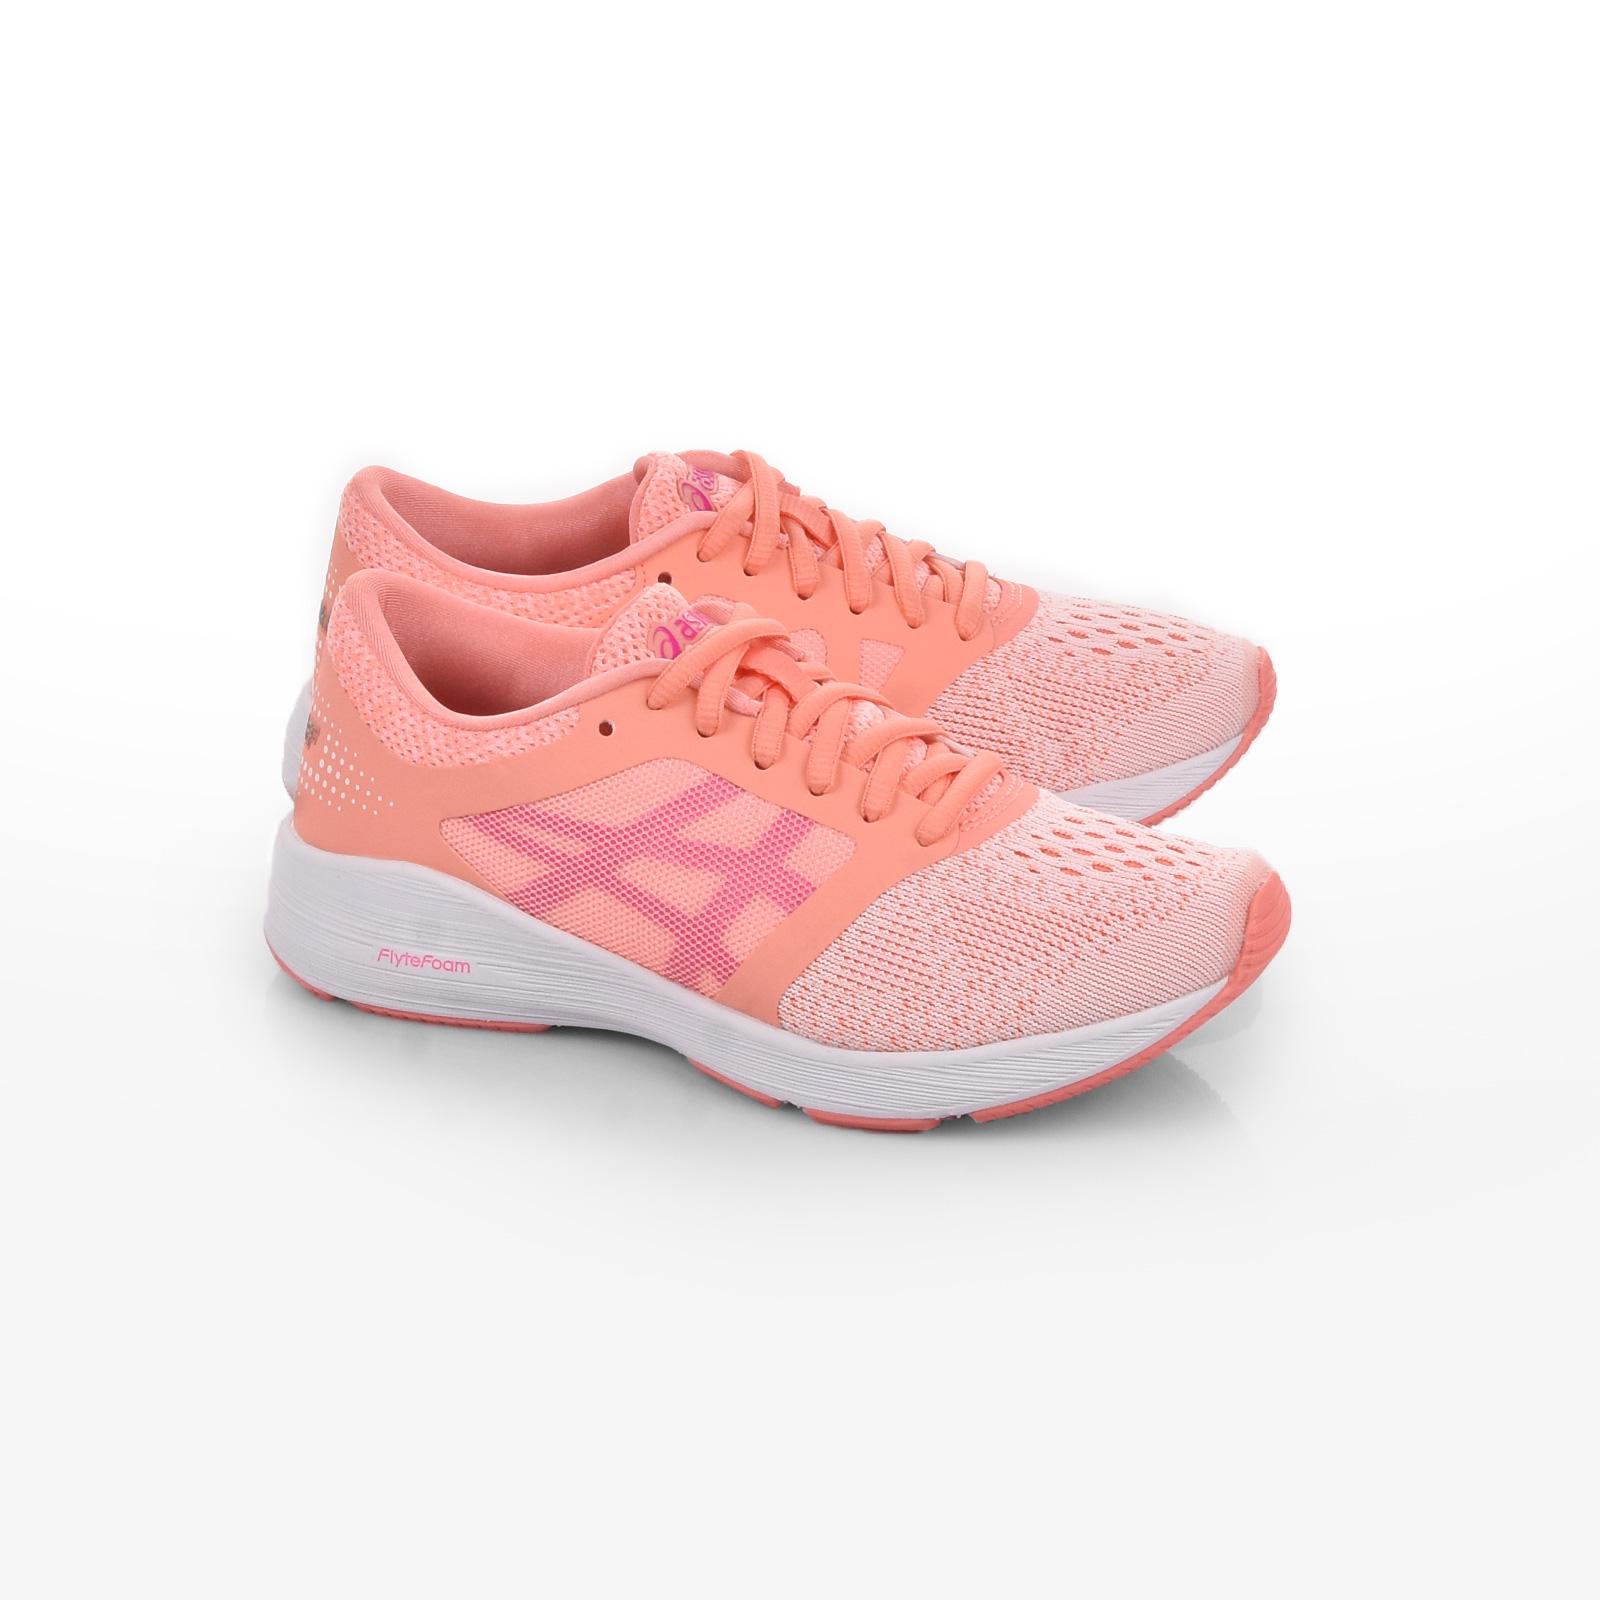 Προσφορές Παπούτσια 2020 με έκπτωση 60% shoes & style